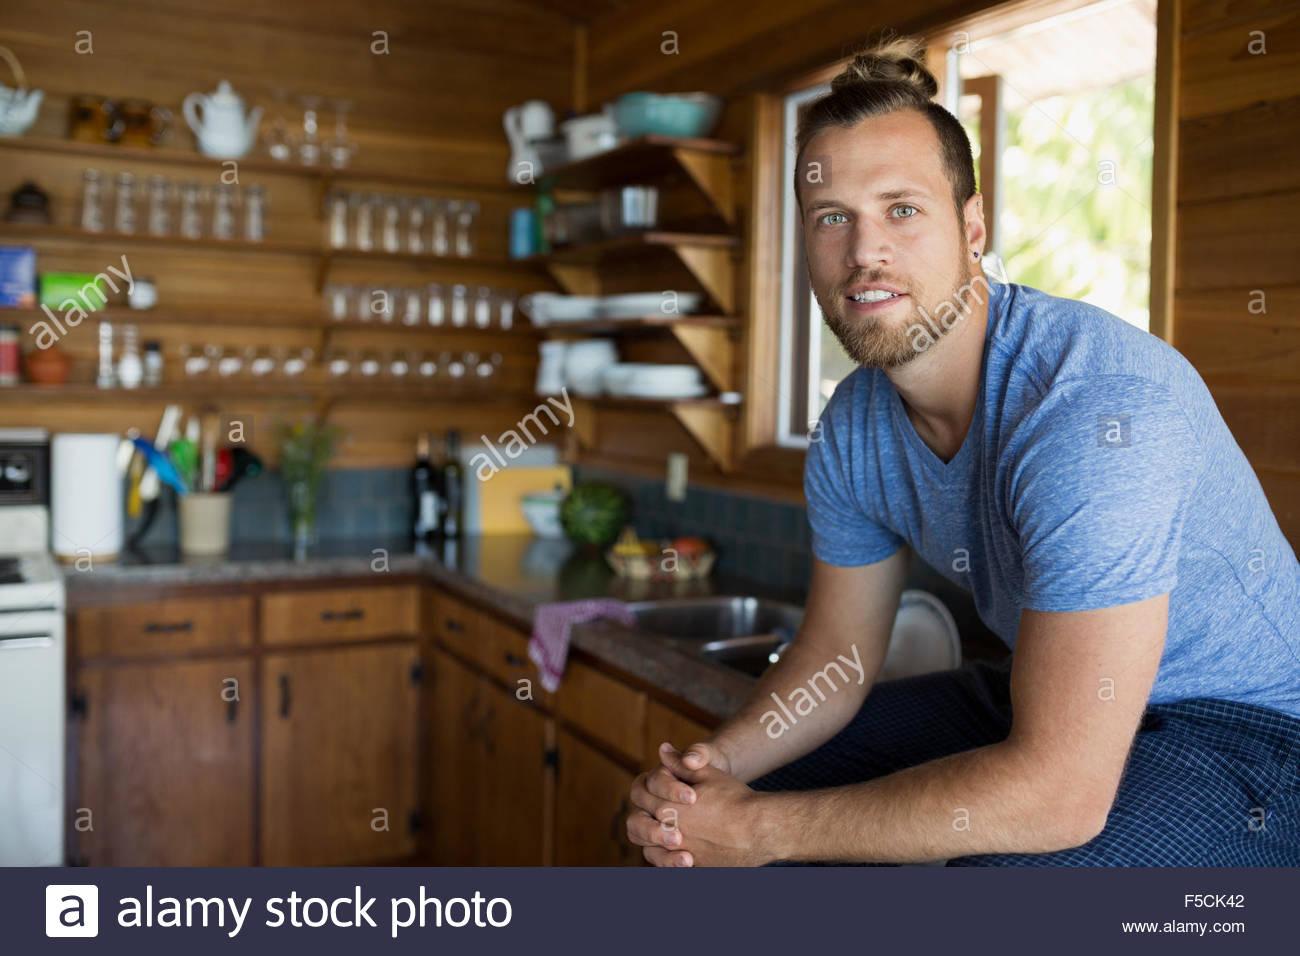 Retrato joven sentado en la cabina cocina Imagen De Stock